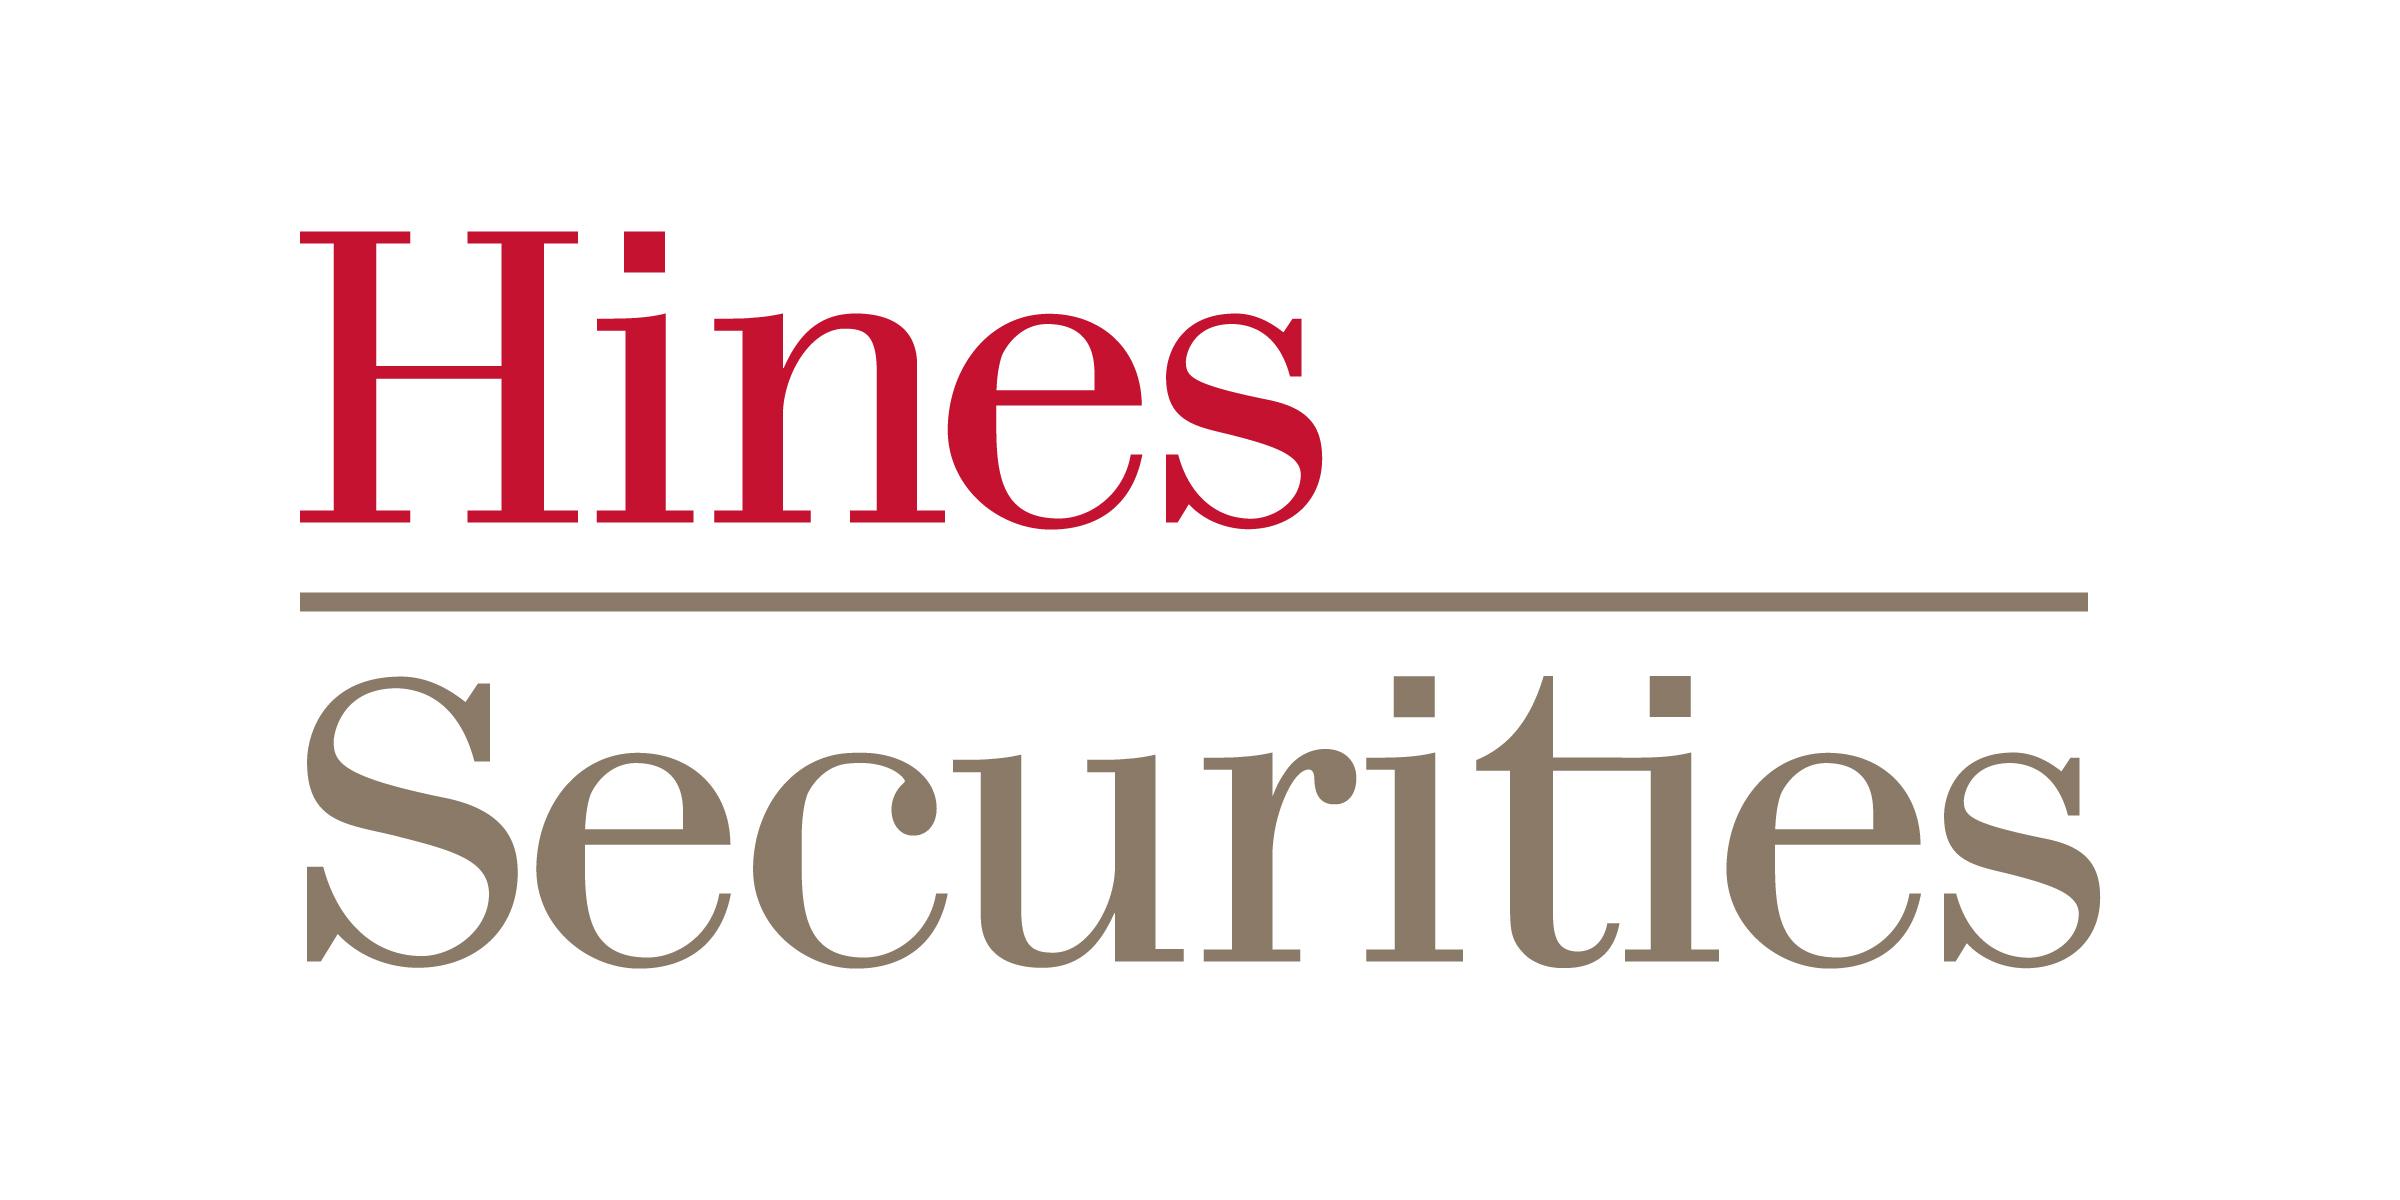 Hines Securities, Inc. logo